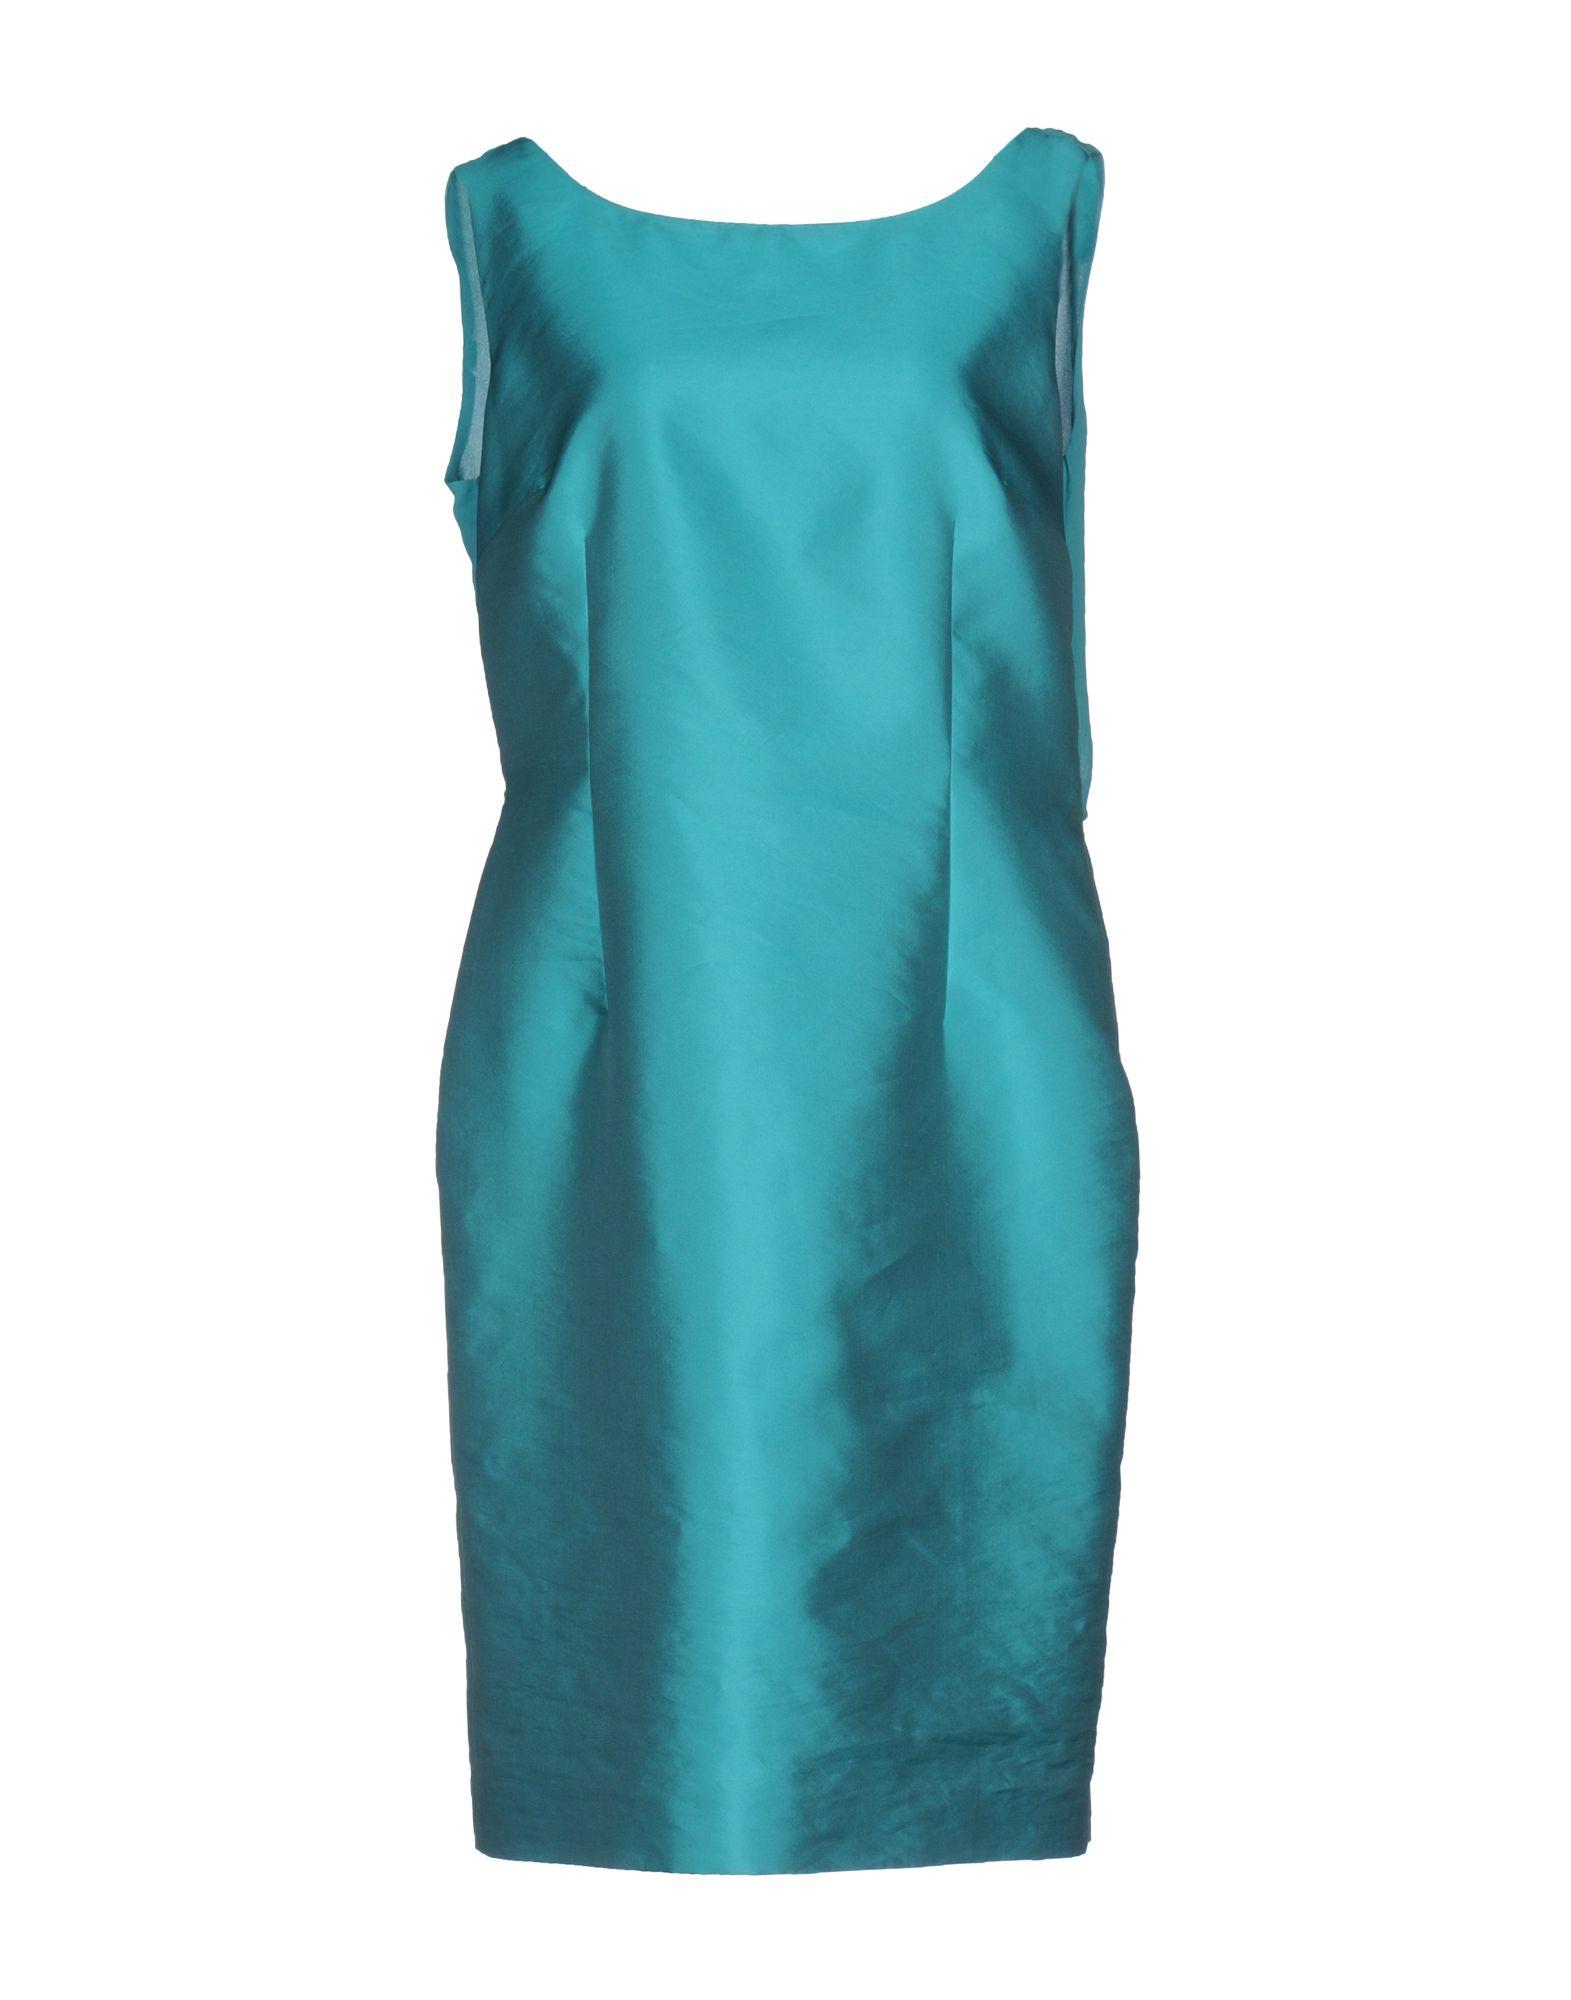 BOTONDI COUTURE Платье до колена neeru kumar платье до колена